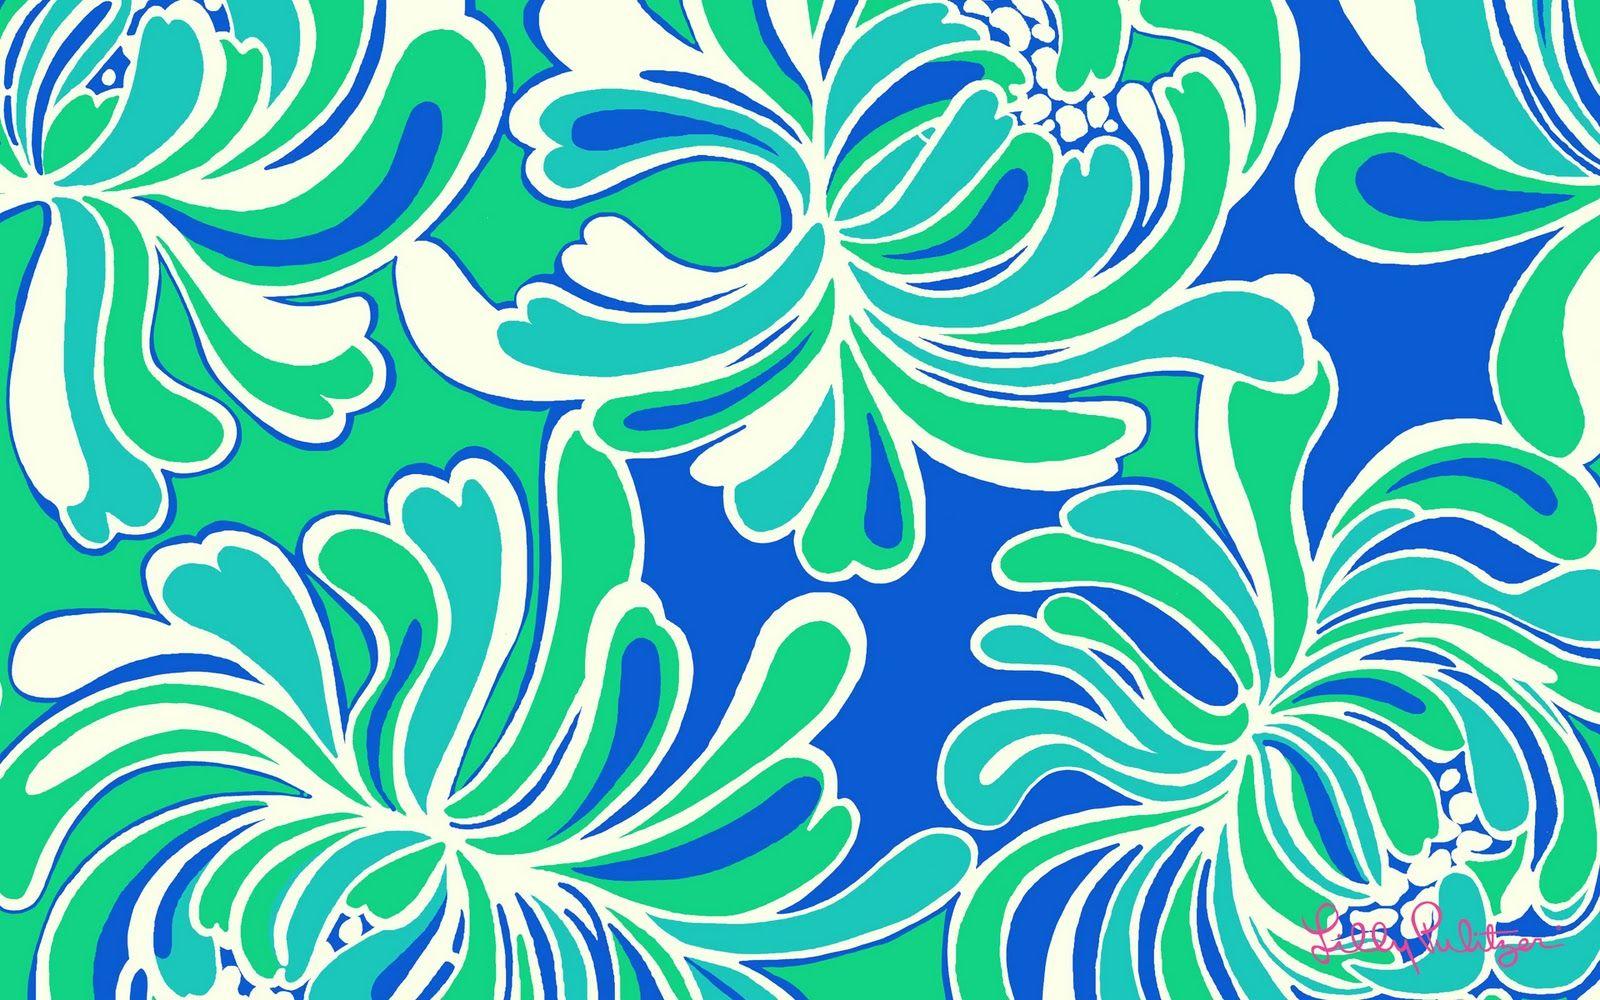 Simple Wallpaper Mac Artsy - b9df53eb92afc1dbb43f695571998278  You Should Have_5310017.jpg